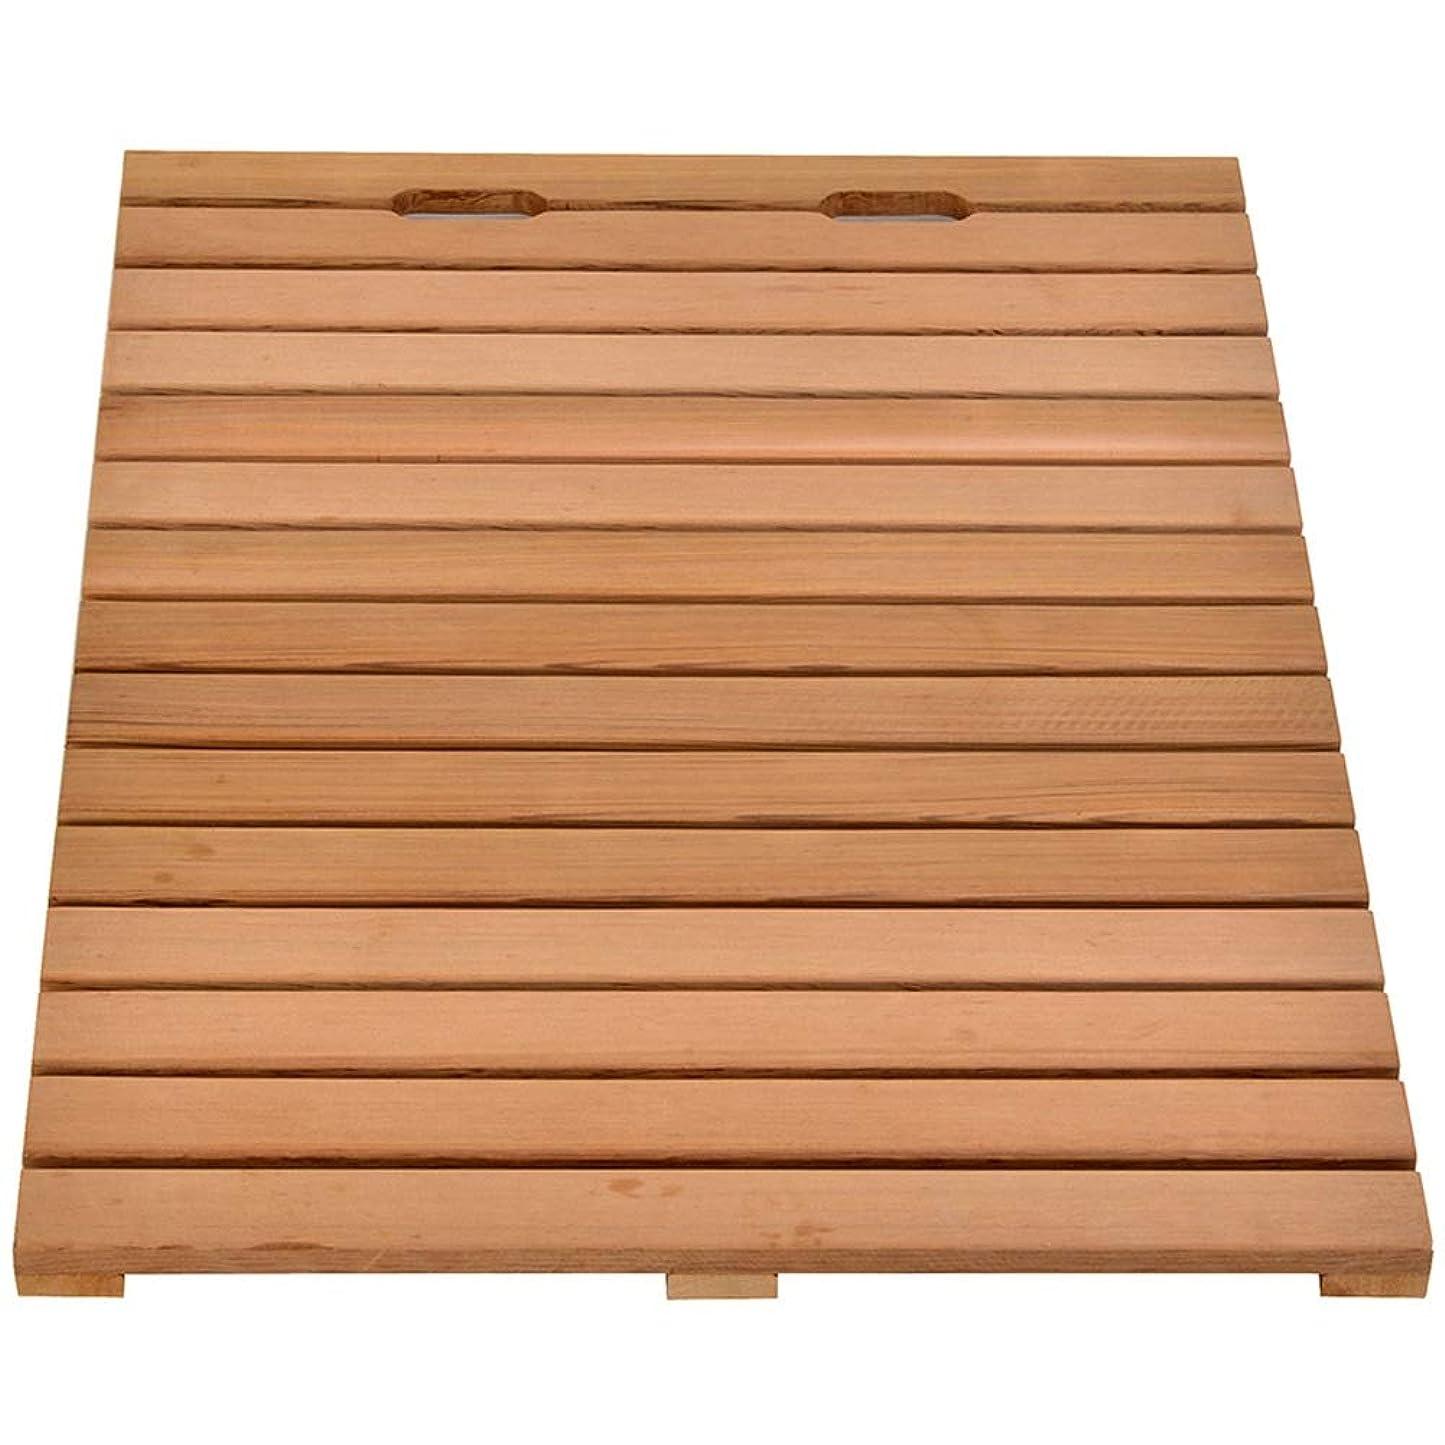 ローン浸漬三角厚手のバスルームマット厚手のカーペット赤杉木製の床ドアパッドバルコニーマット滑り止め防腐剤 (Size : 90x90cm)